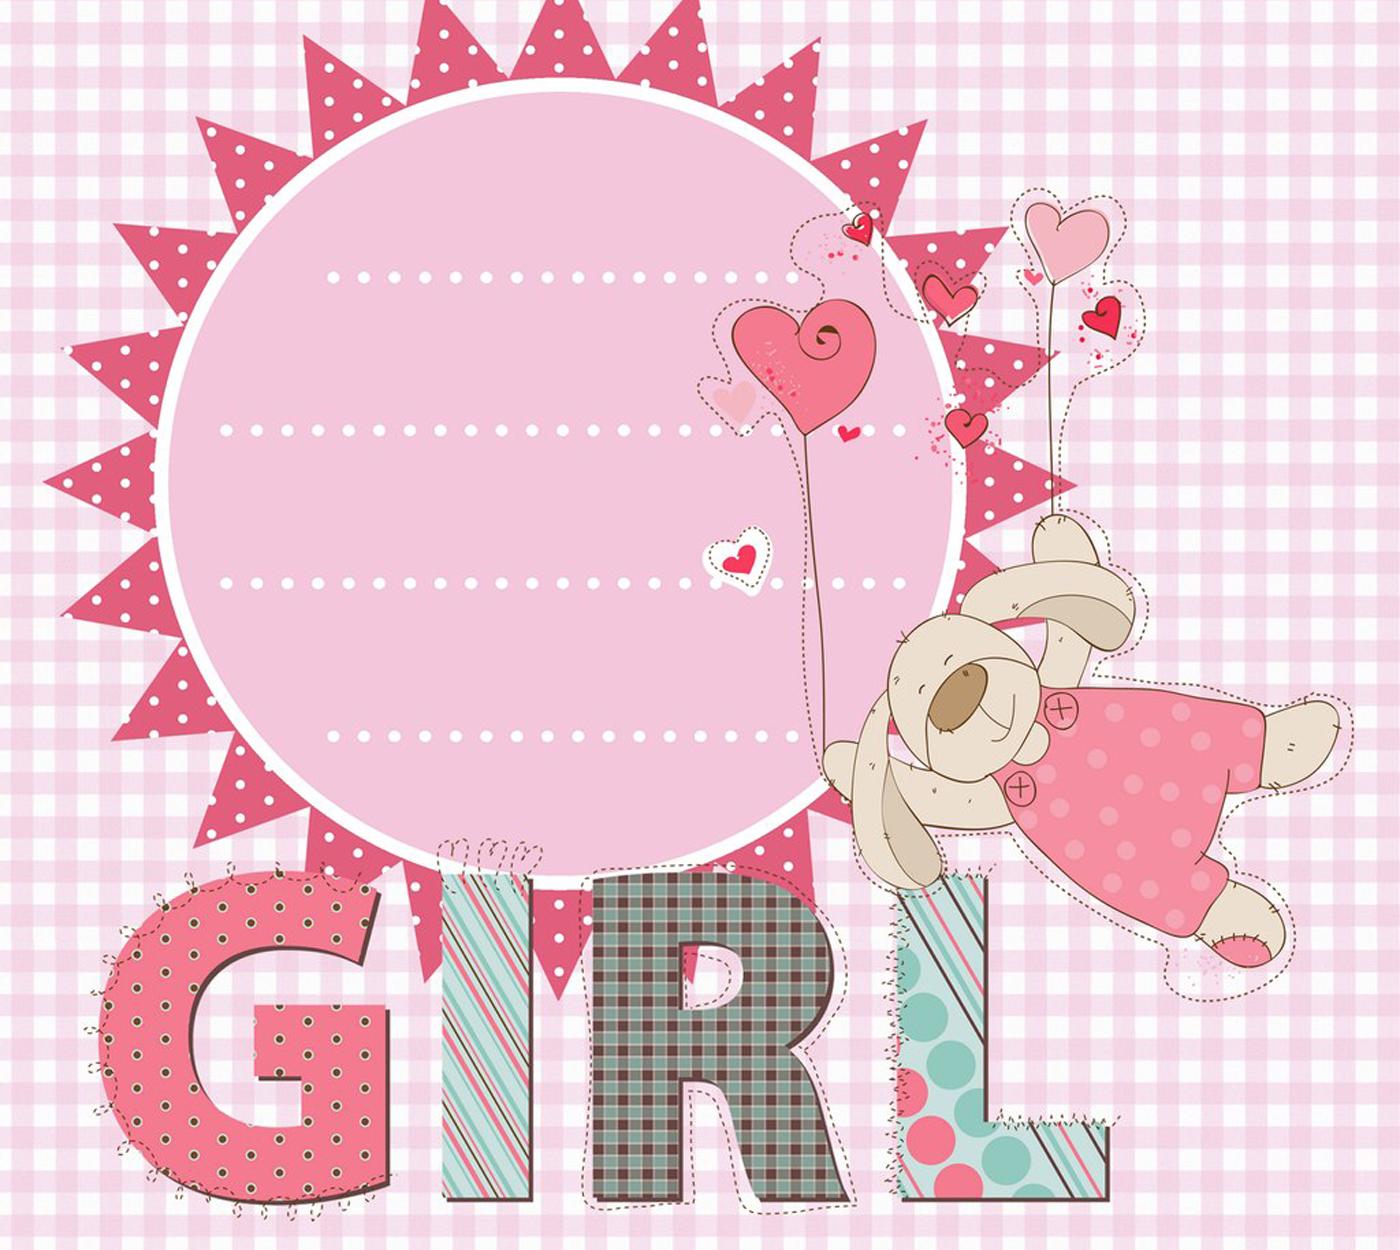 картинки с надписью доченьке 2 месяца рогатый скот